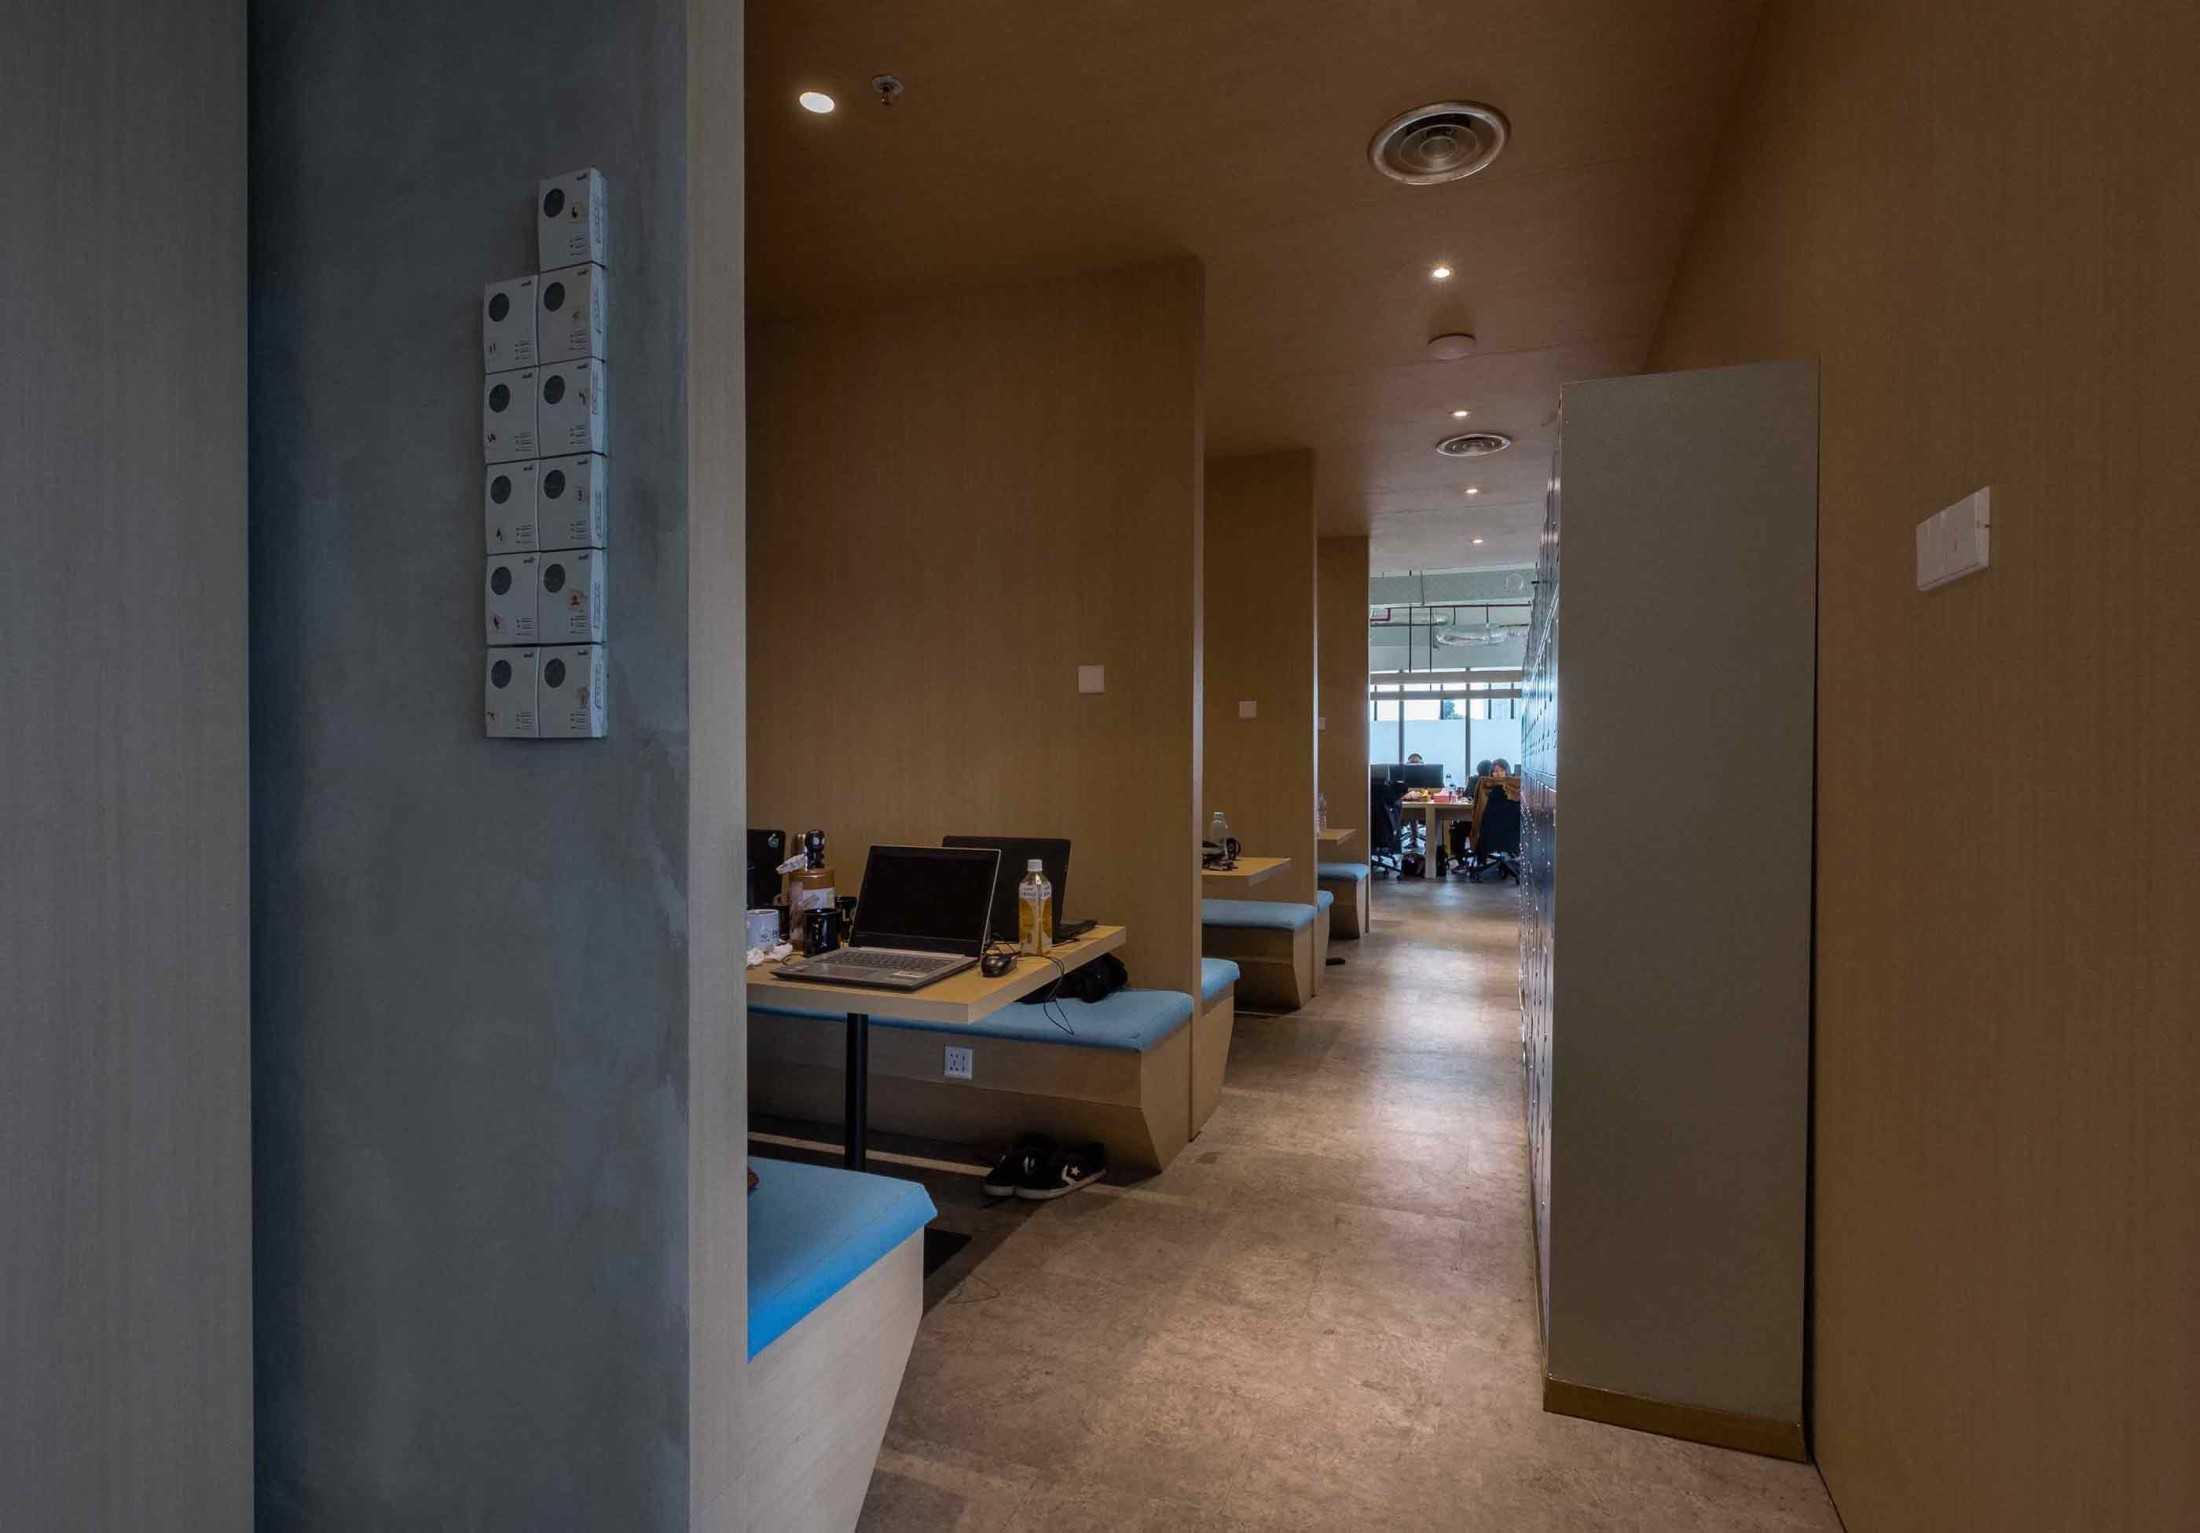 Sirclo Office Karya Arcon-Interior & Furniture Contractor, viaarsitag.com